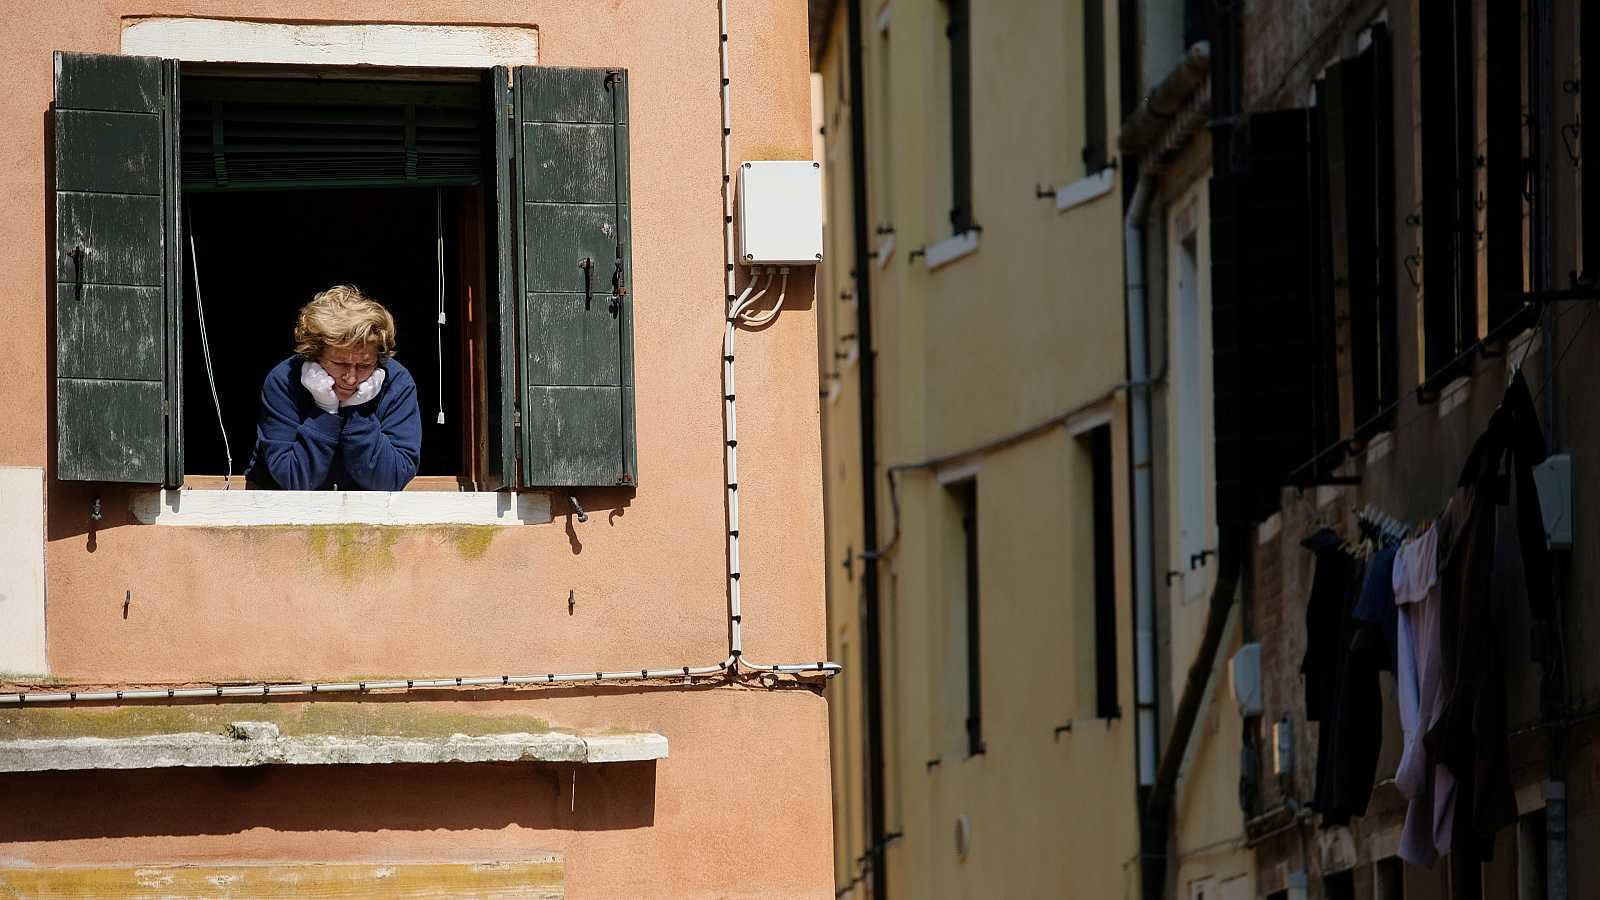 Coronavirus Italia: Una mujer asomada a la ventana de una vivienda en Venecia.